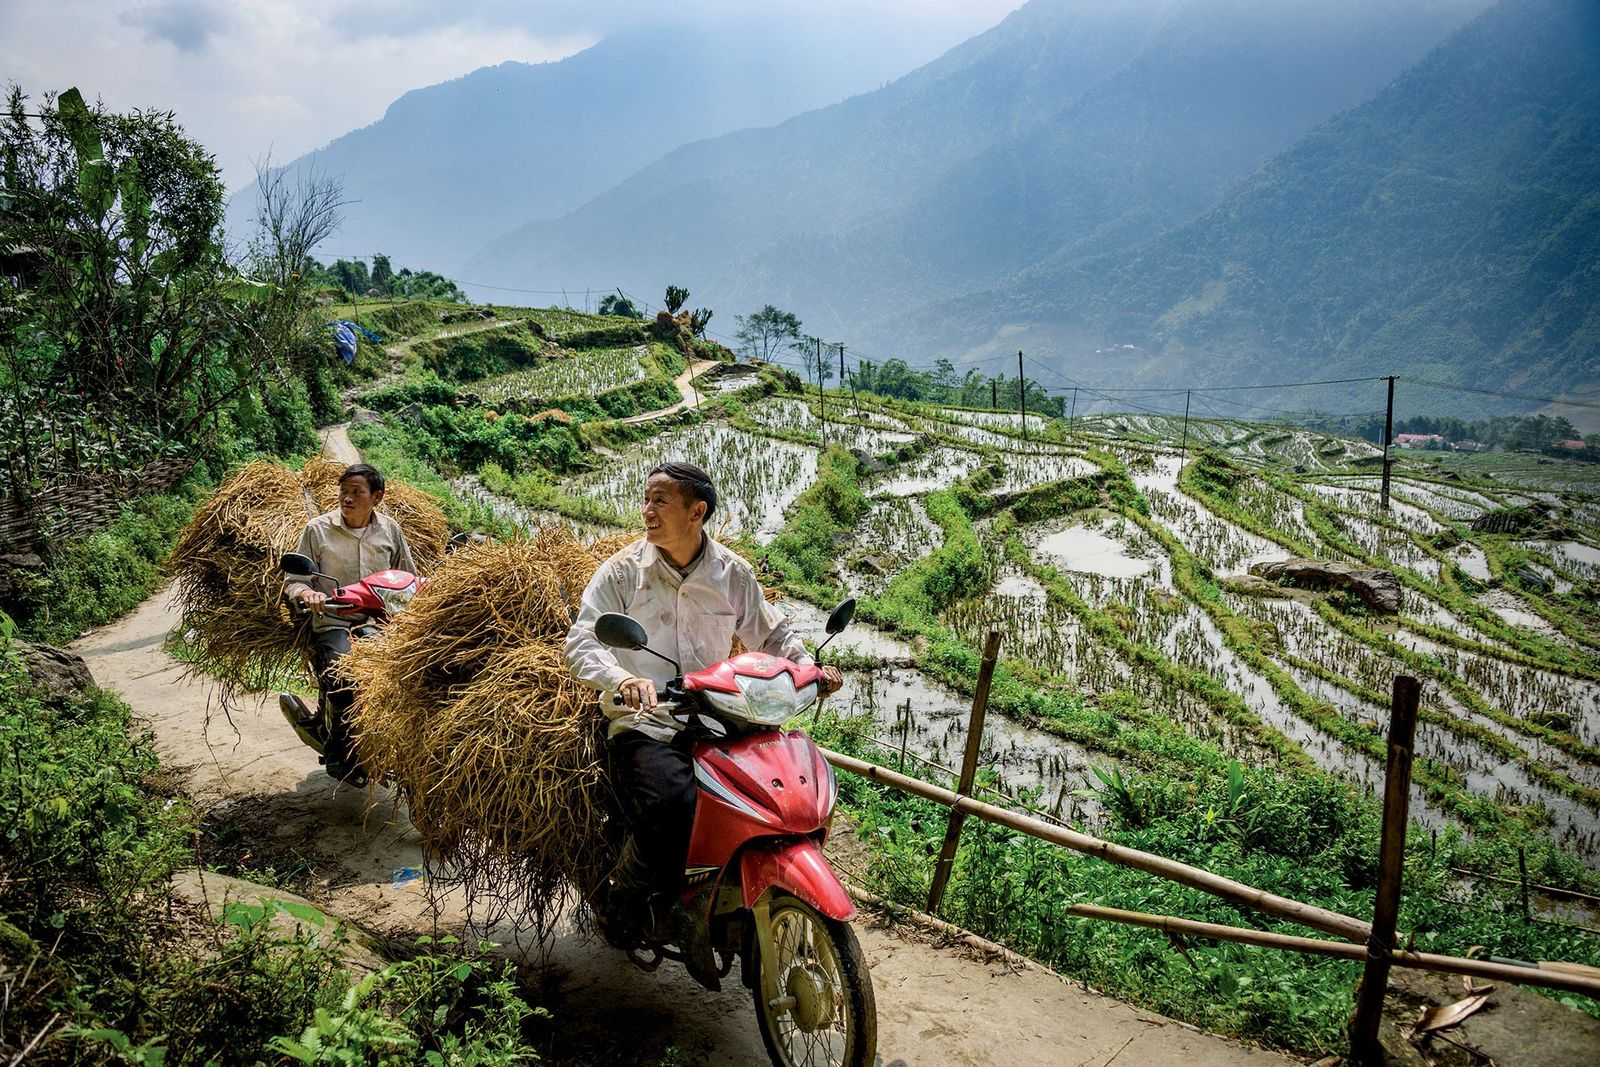 Hoang Lien Son, Vietnam